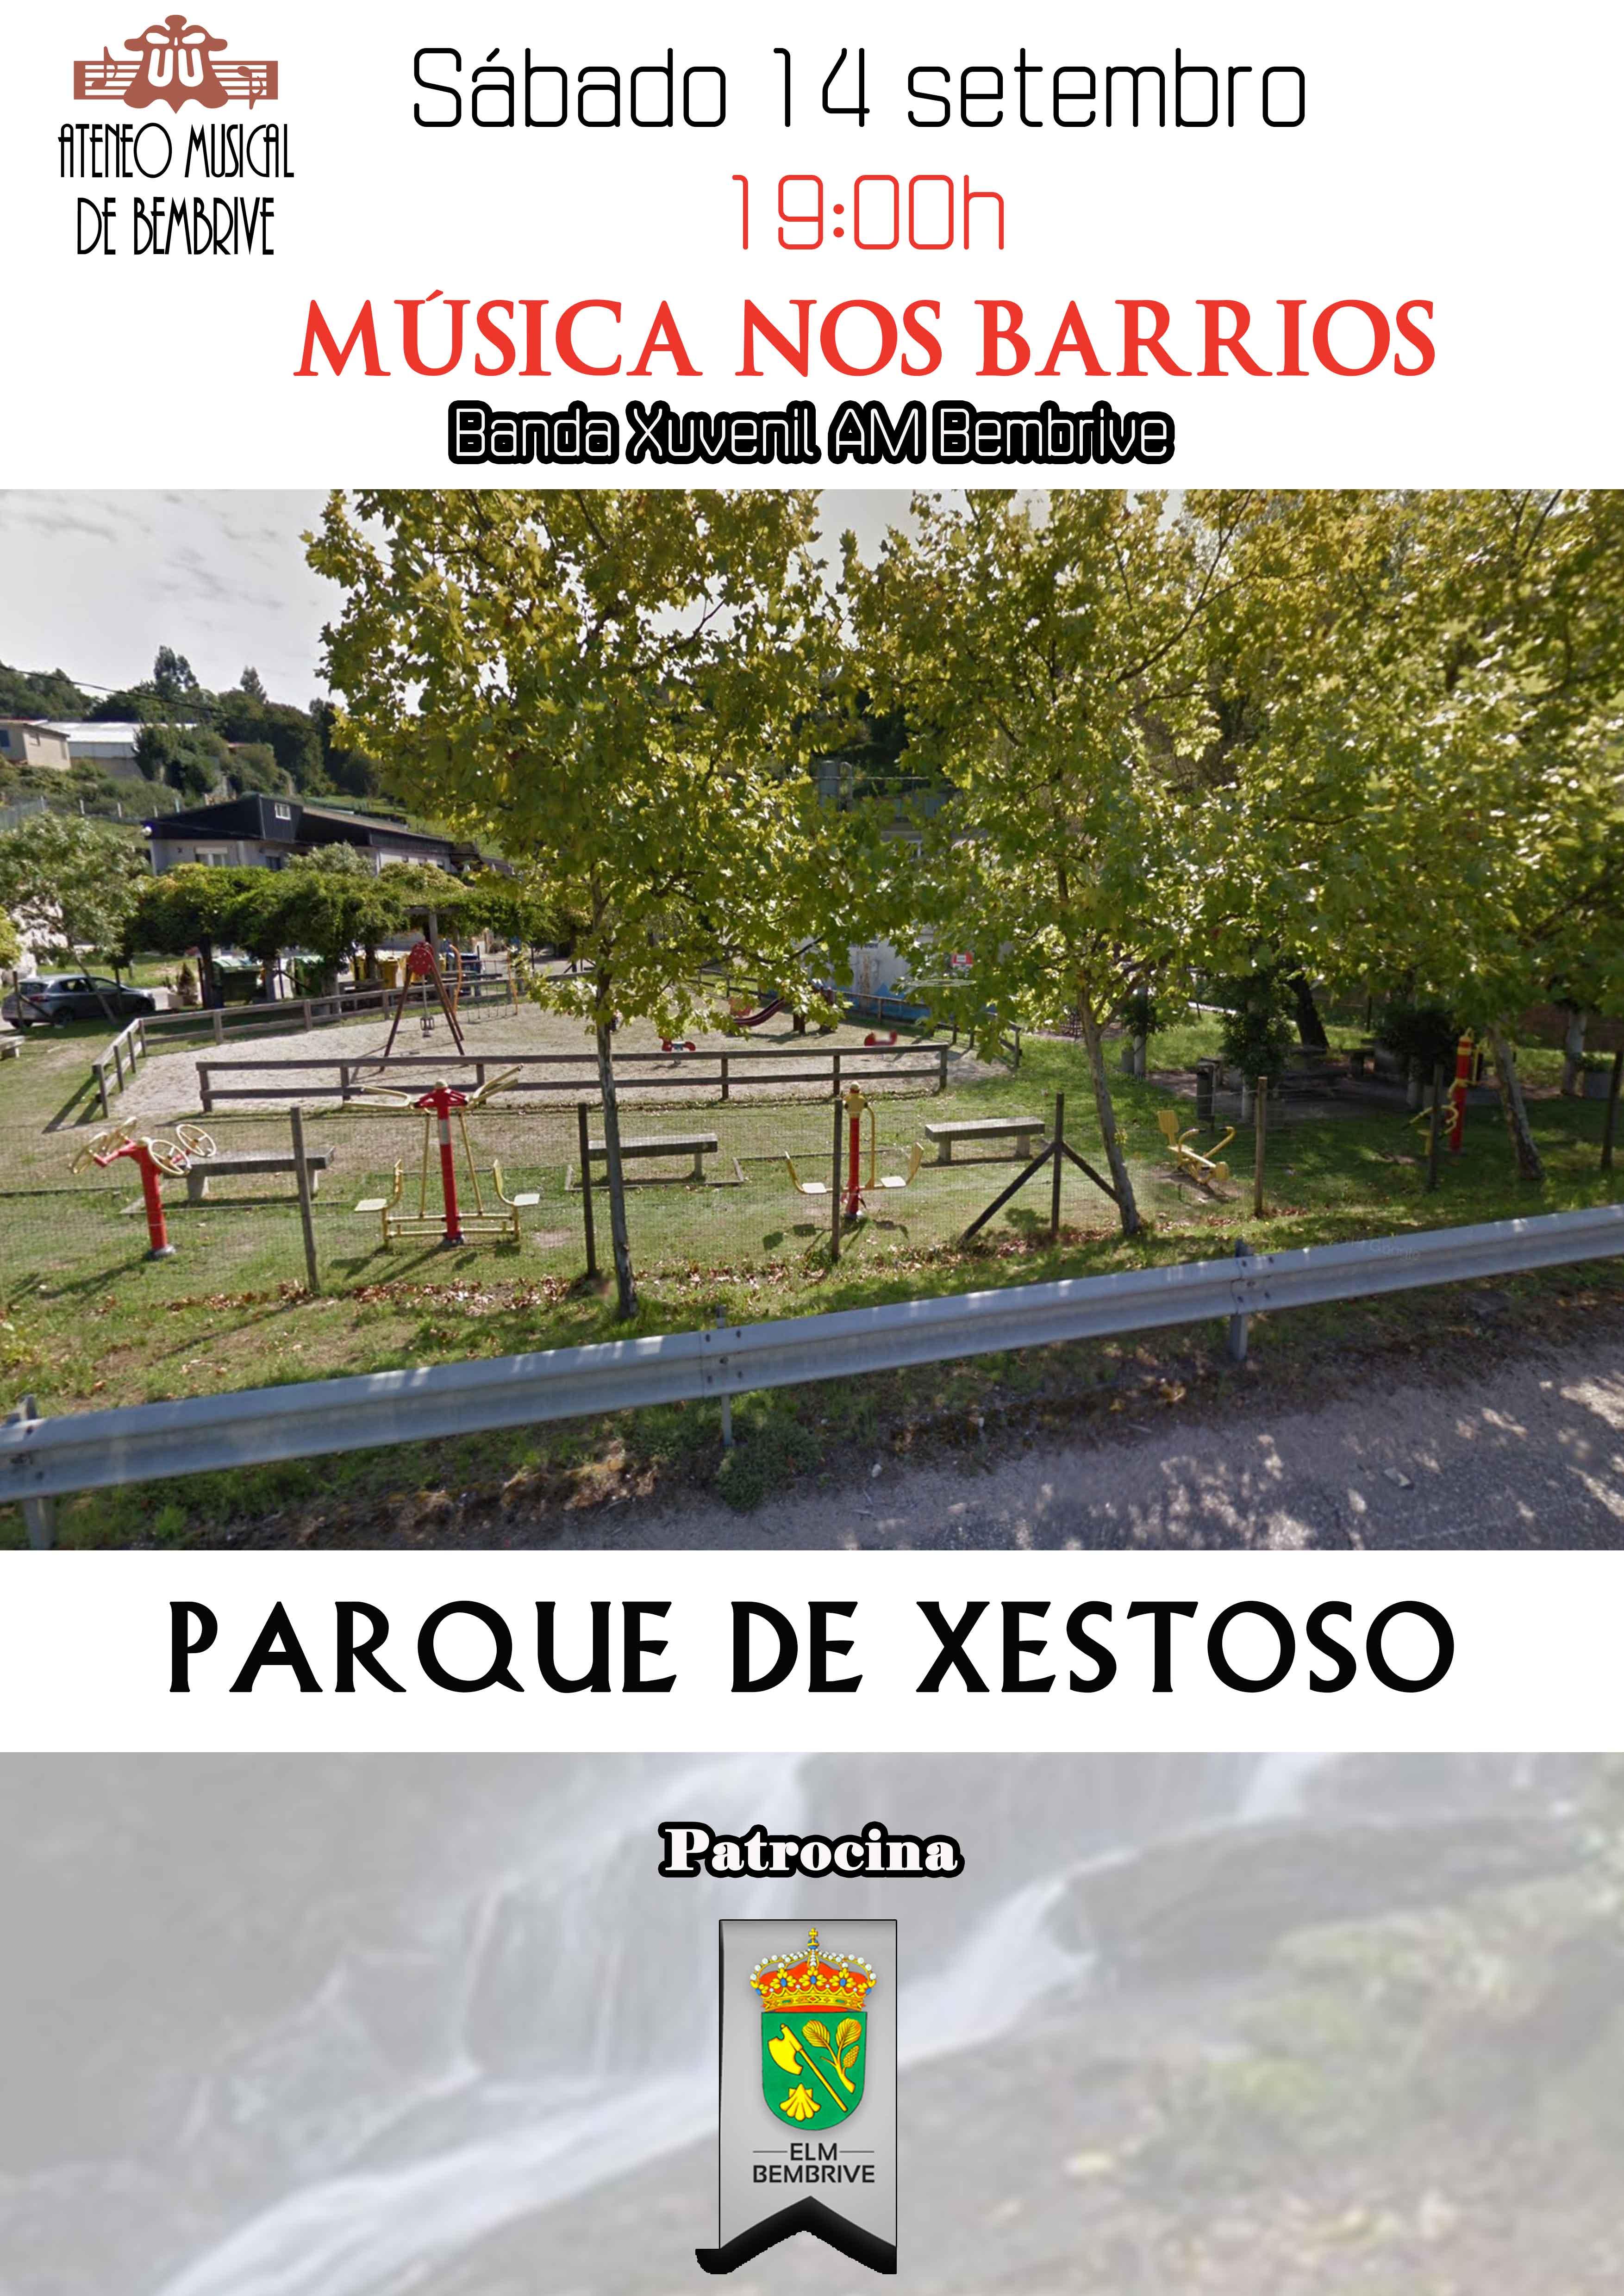 Parque Xestoso 2019